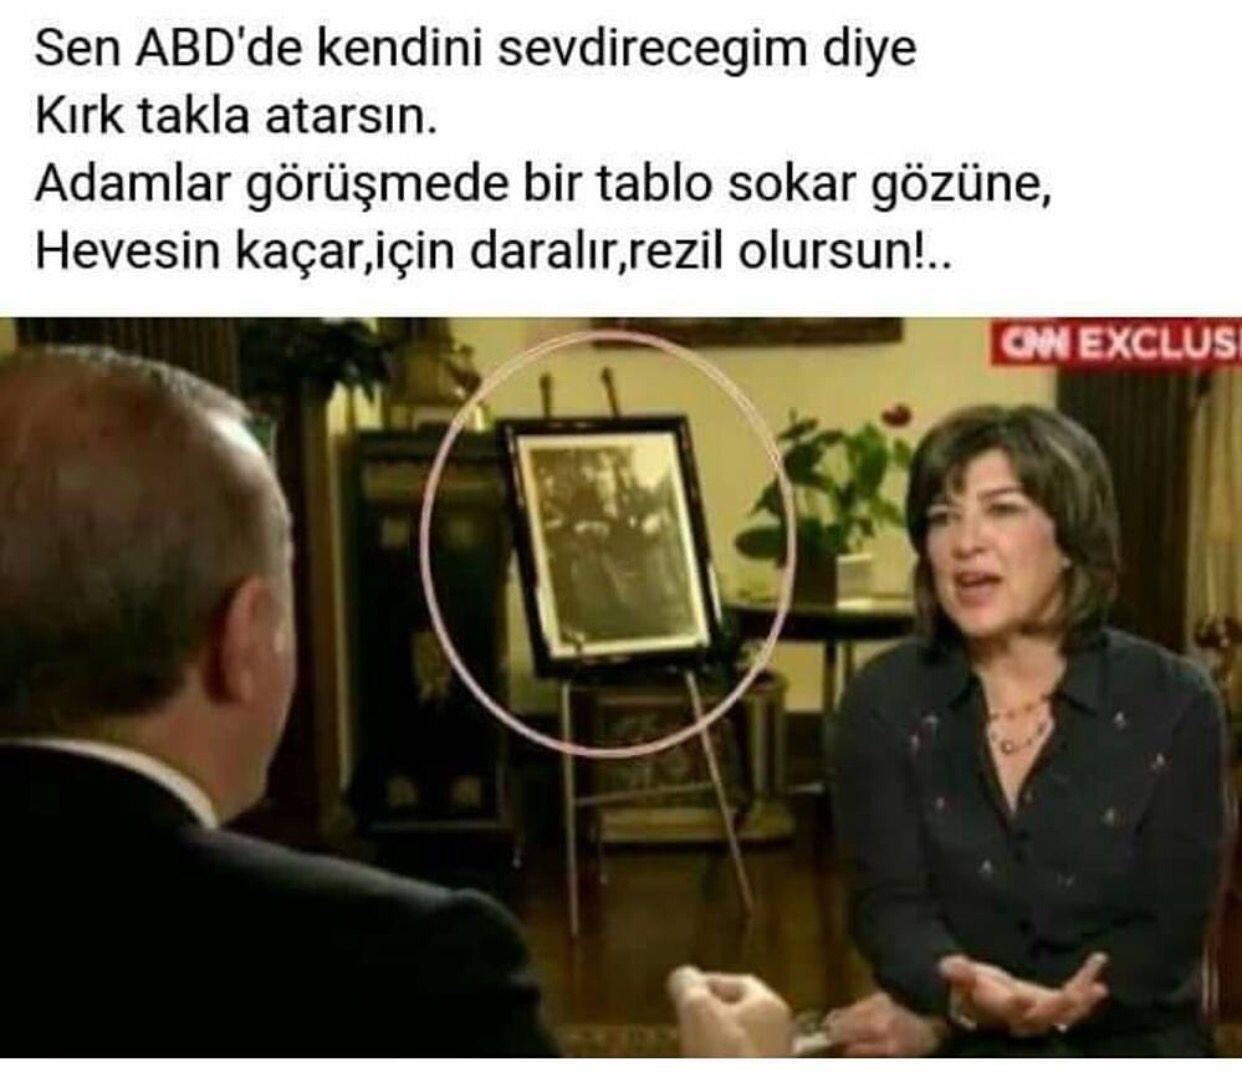 Atatürk resmi gelsin asrın liderine hahaha